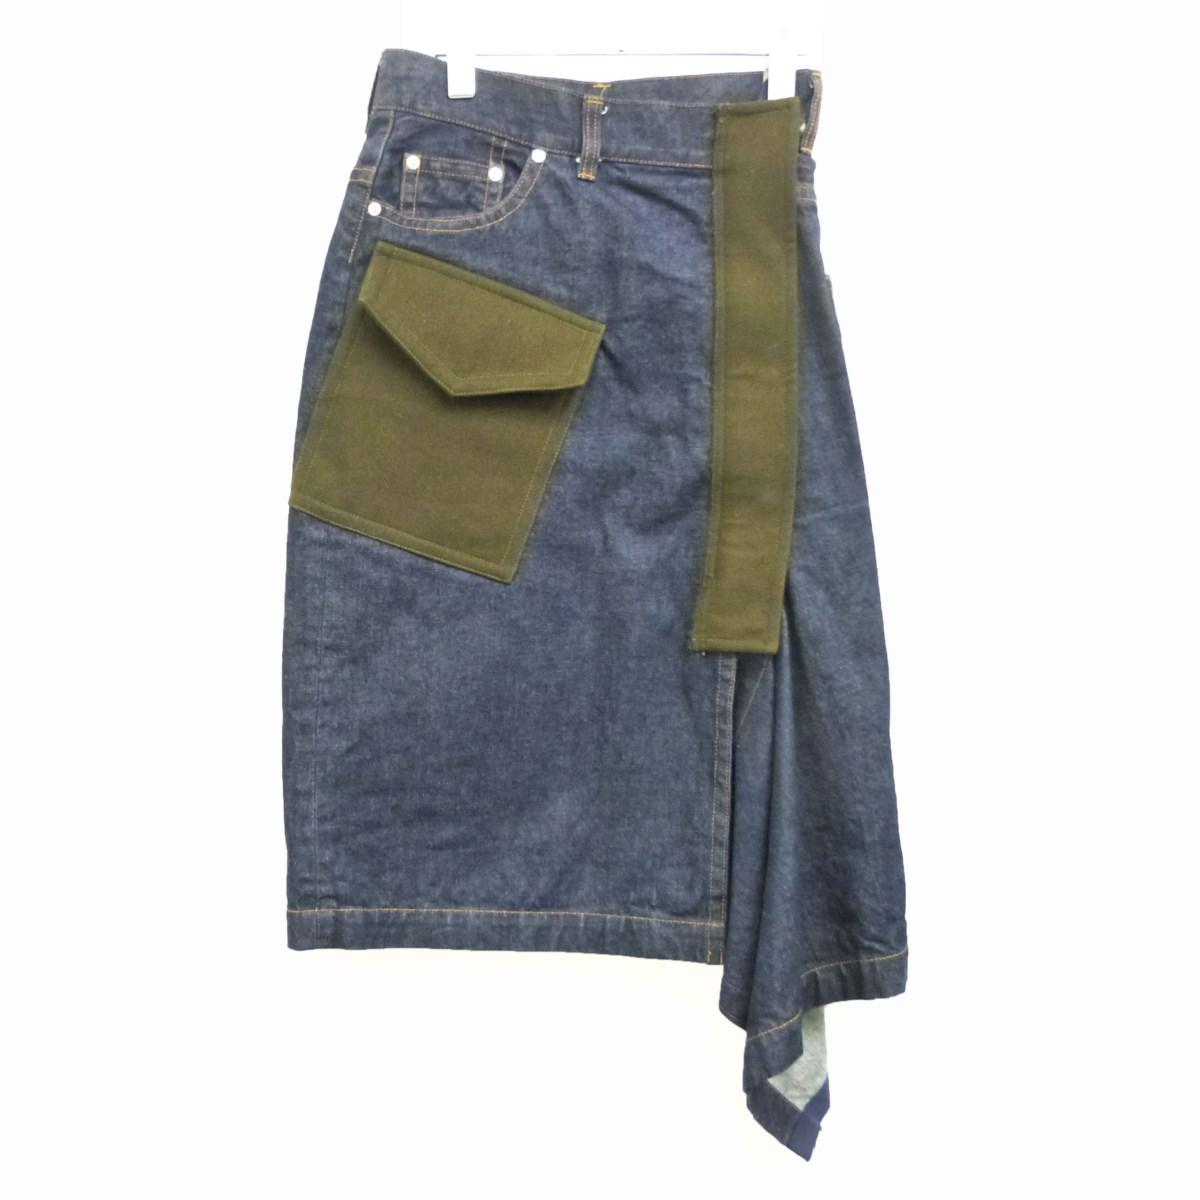 【中古】sacai 19AWデニムスカート ネイビー サイズ:1 【010320】(サカイ)